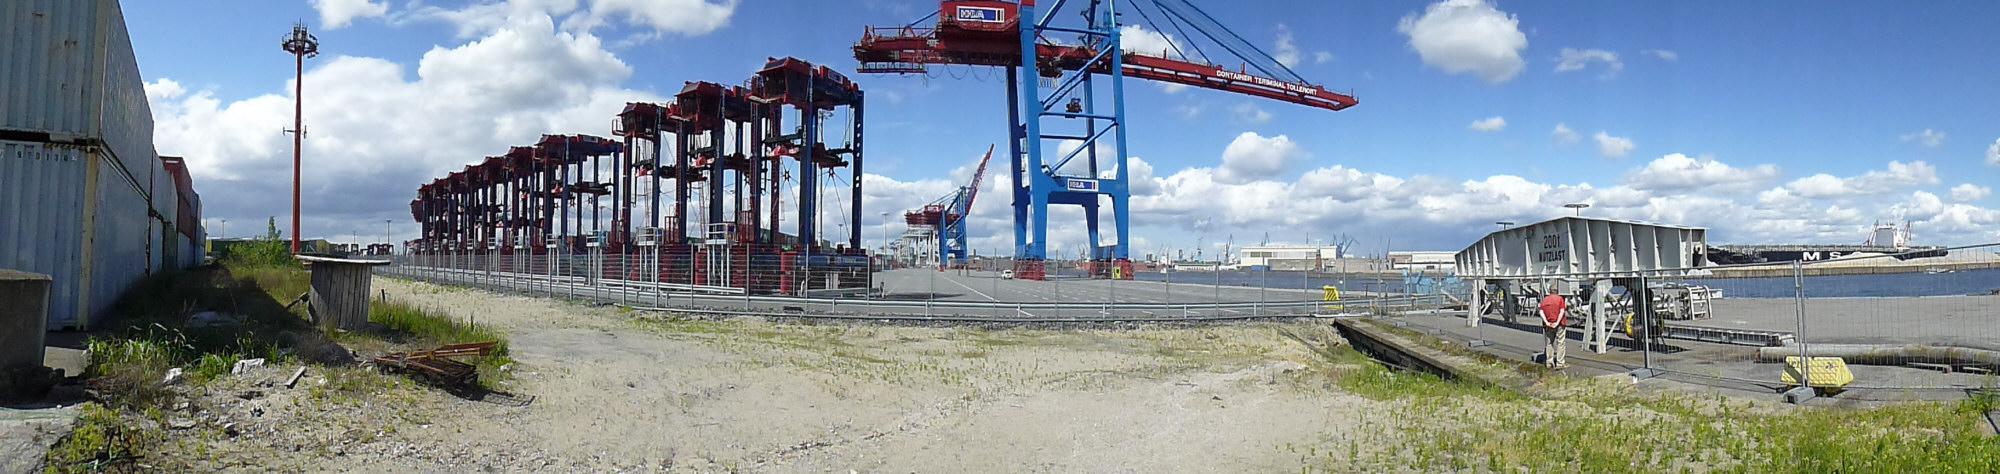 Container-Terminal Tollerort.